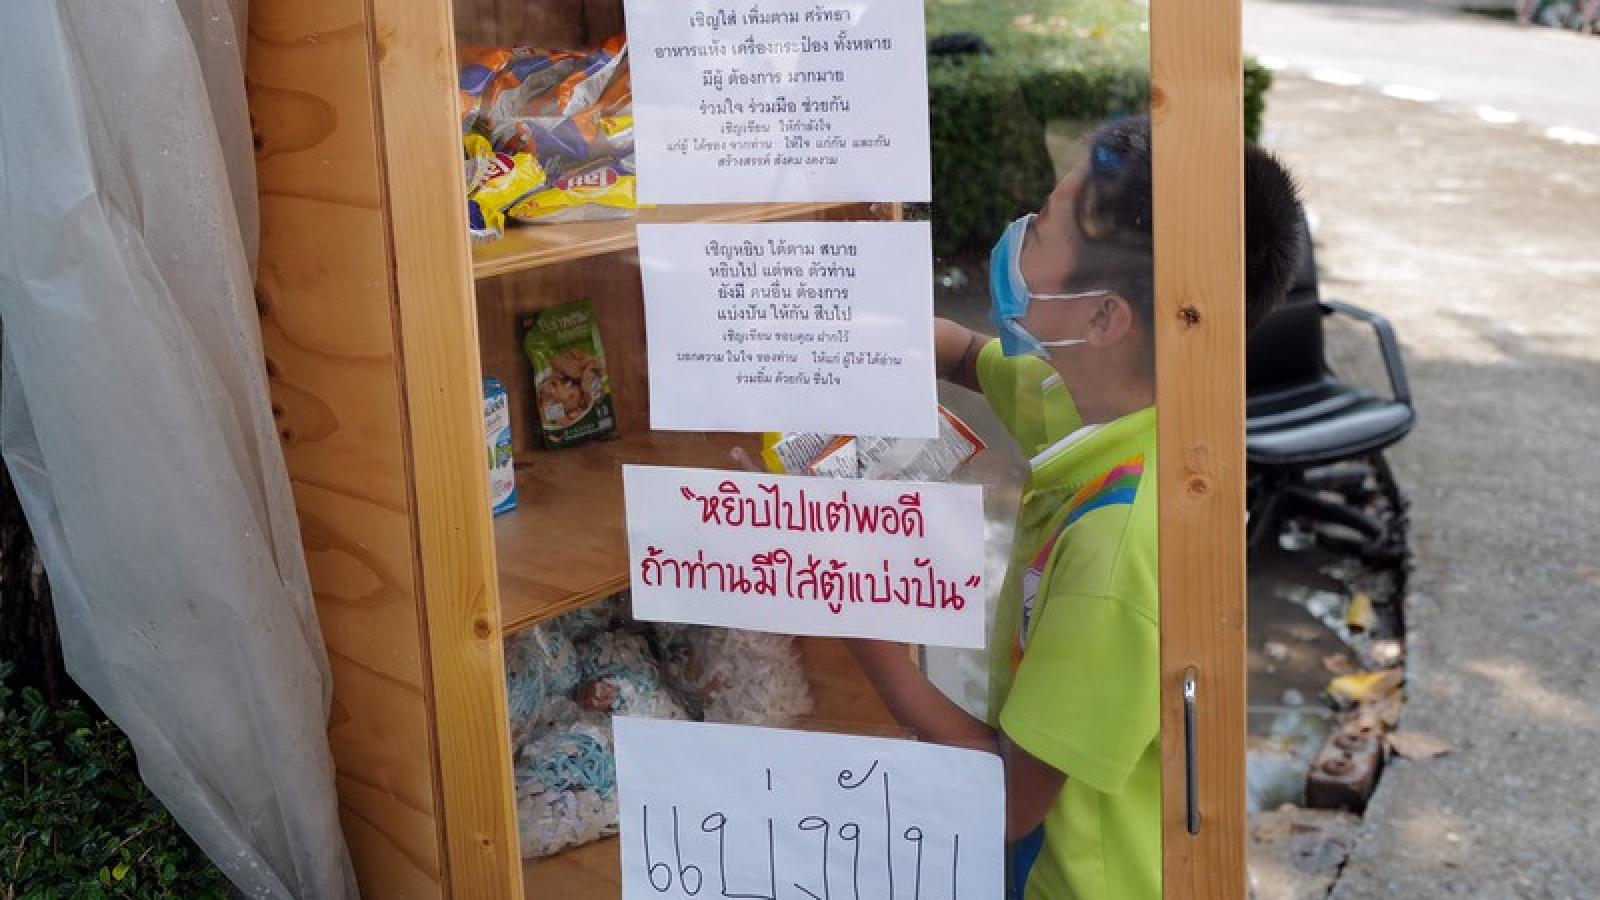 Mô hình tủ ăn từ thiện hỗ trợ Covid-19 lan rộng tại Thái Lan